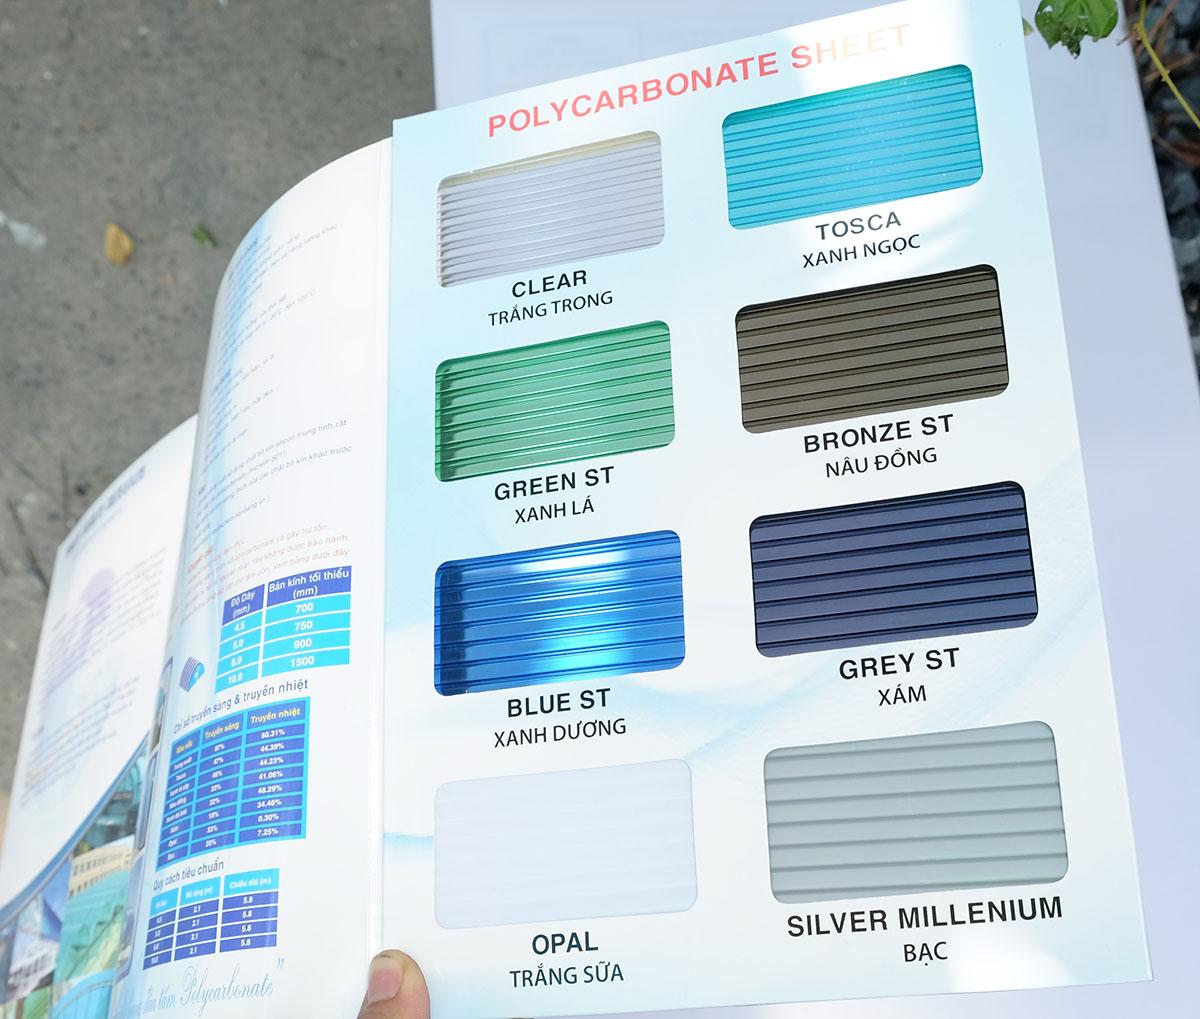 bảng mã màu sắc tấm nhựa lấy sáng polycarbonate dạng rỗng ruột